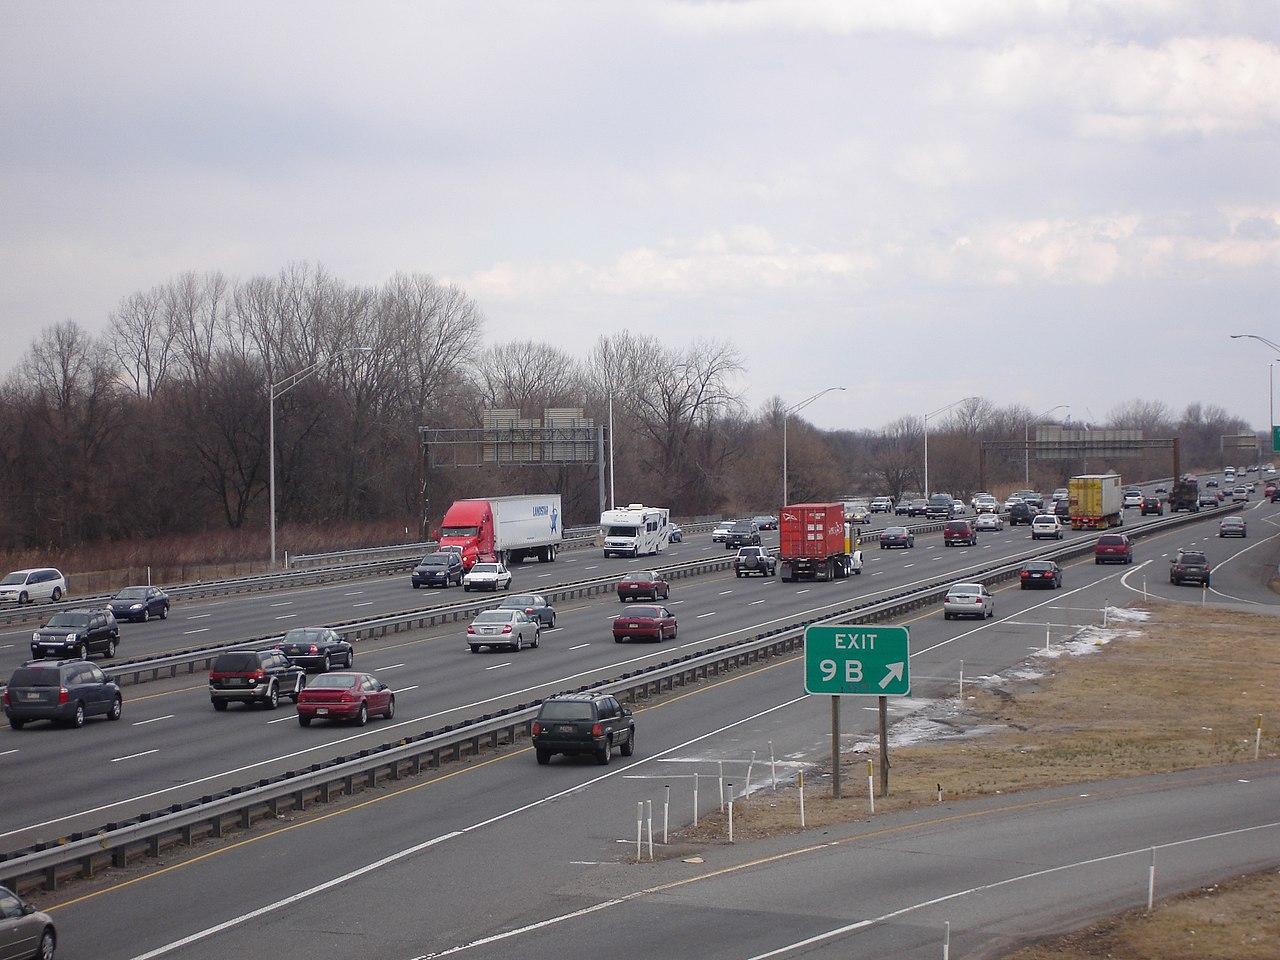 File:I-95 (PA) Exit 9B...I 95 Exit 29